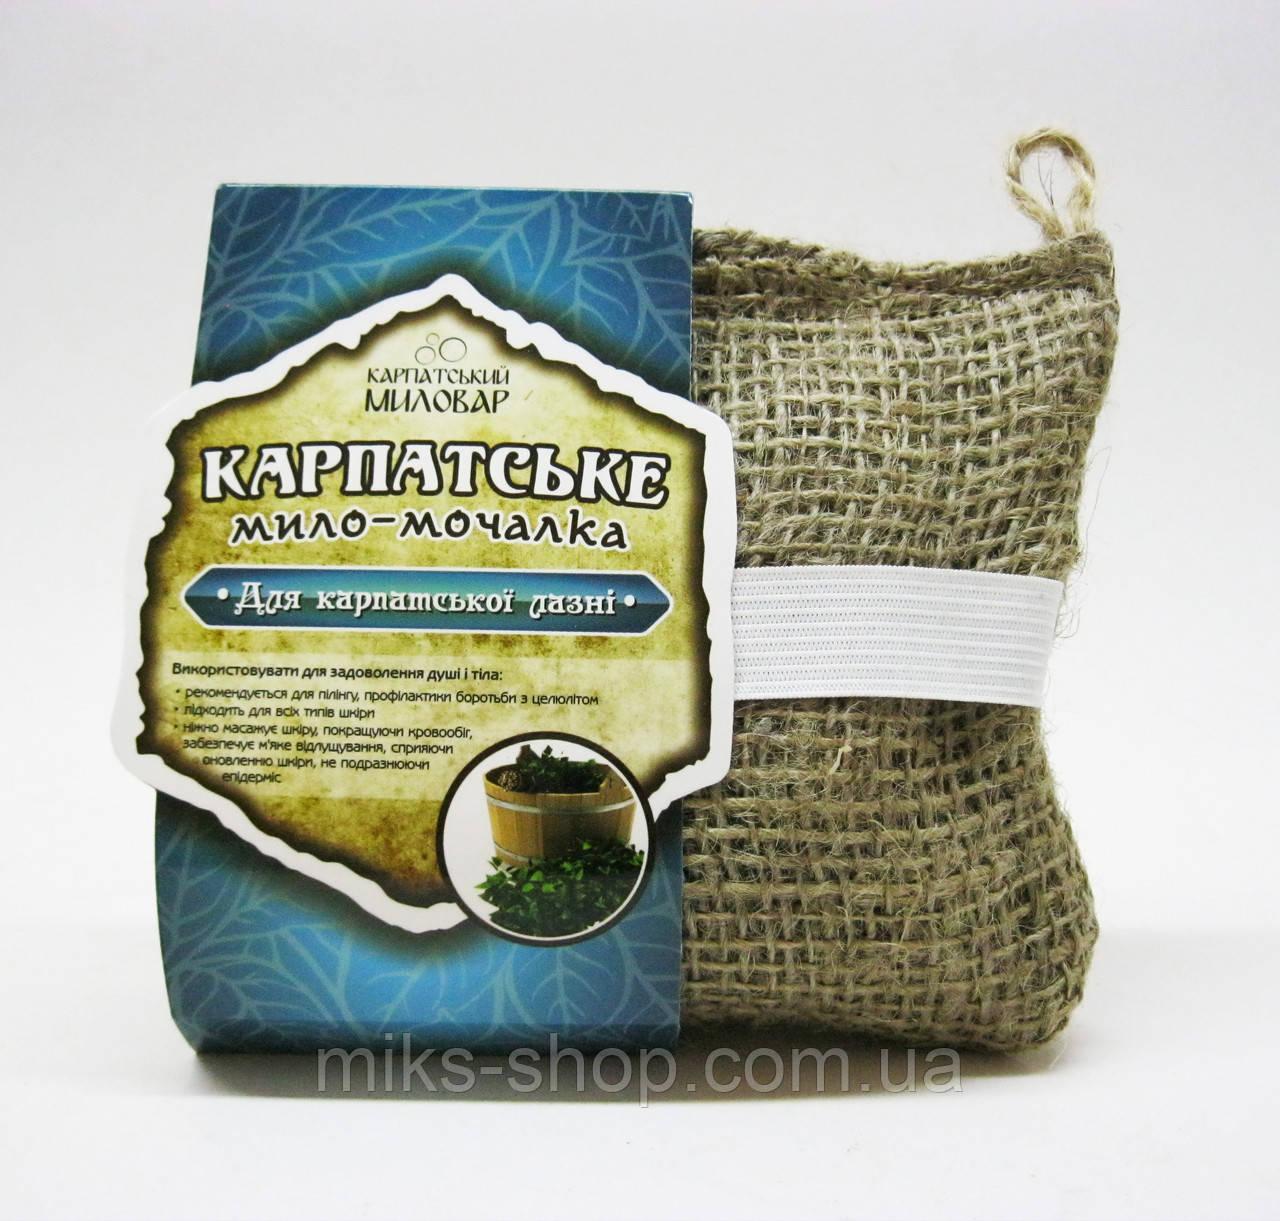 Жгутовое мыло - мочалка ручной работы